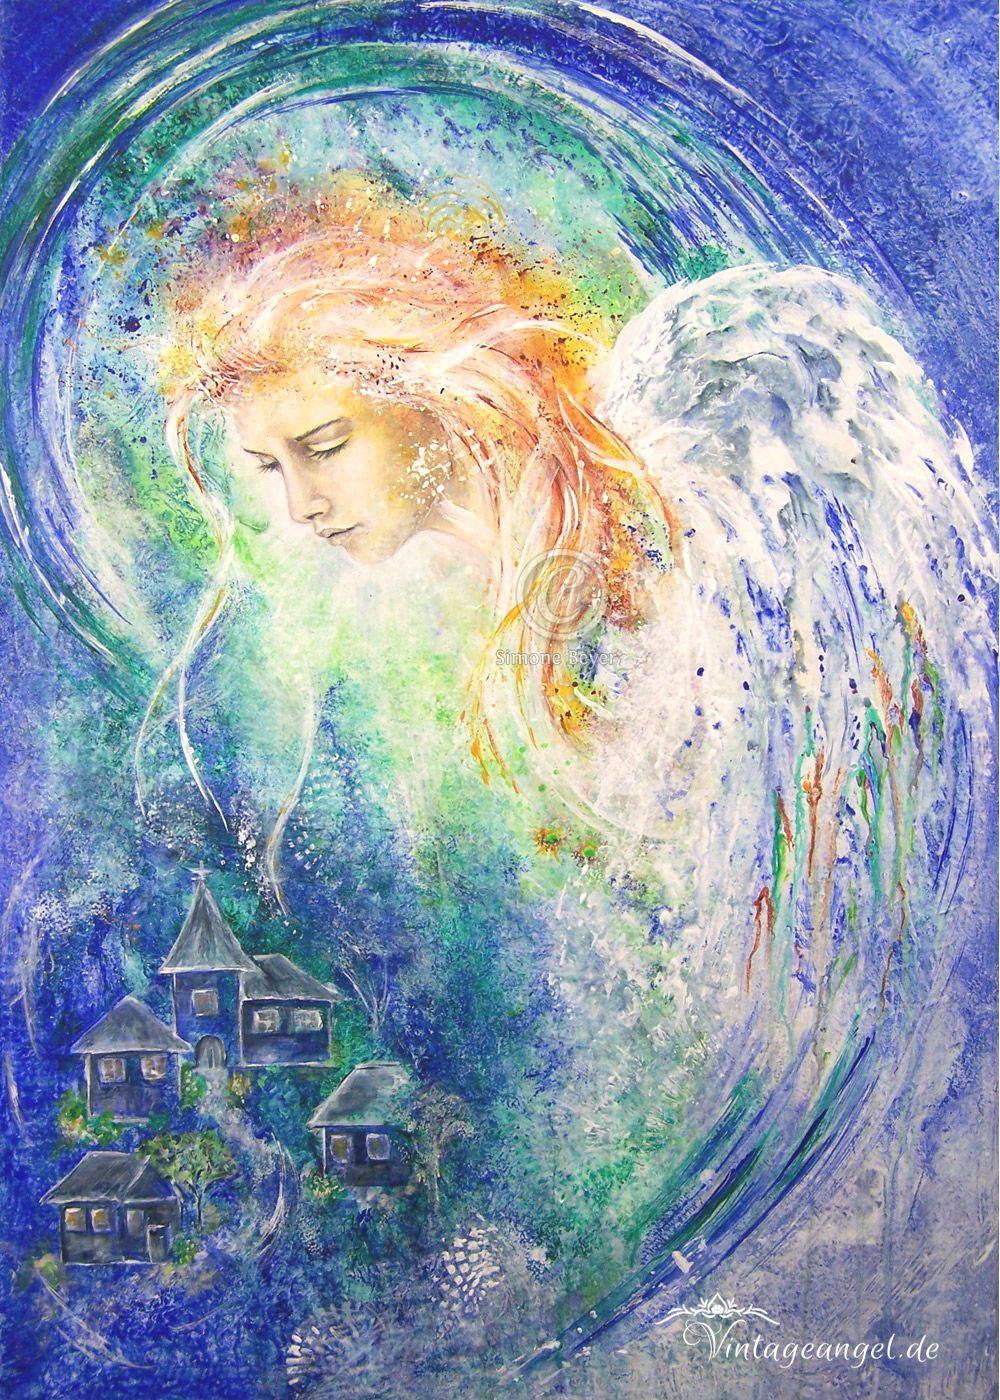 schutzengel  guardian angel ღ ich wünsche dir dass